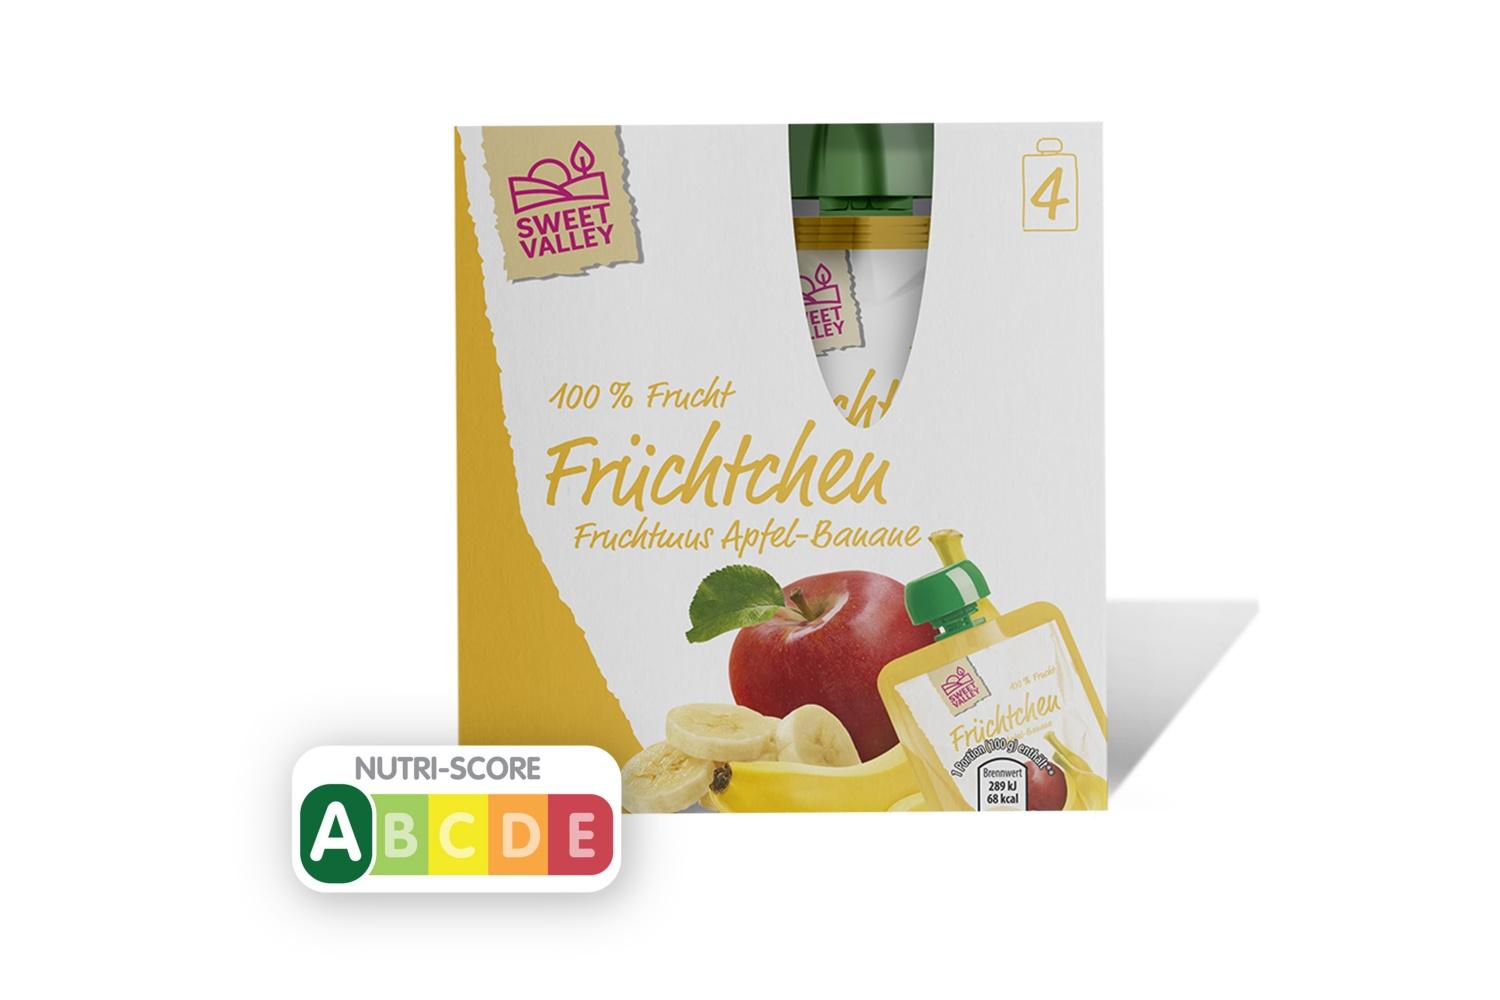 SWEET VALLEY Früchtchen 400 g